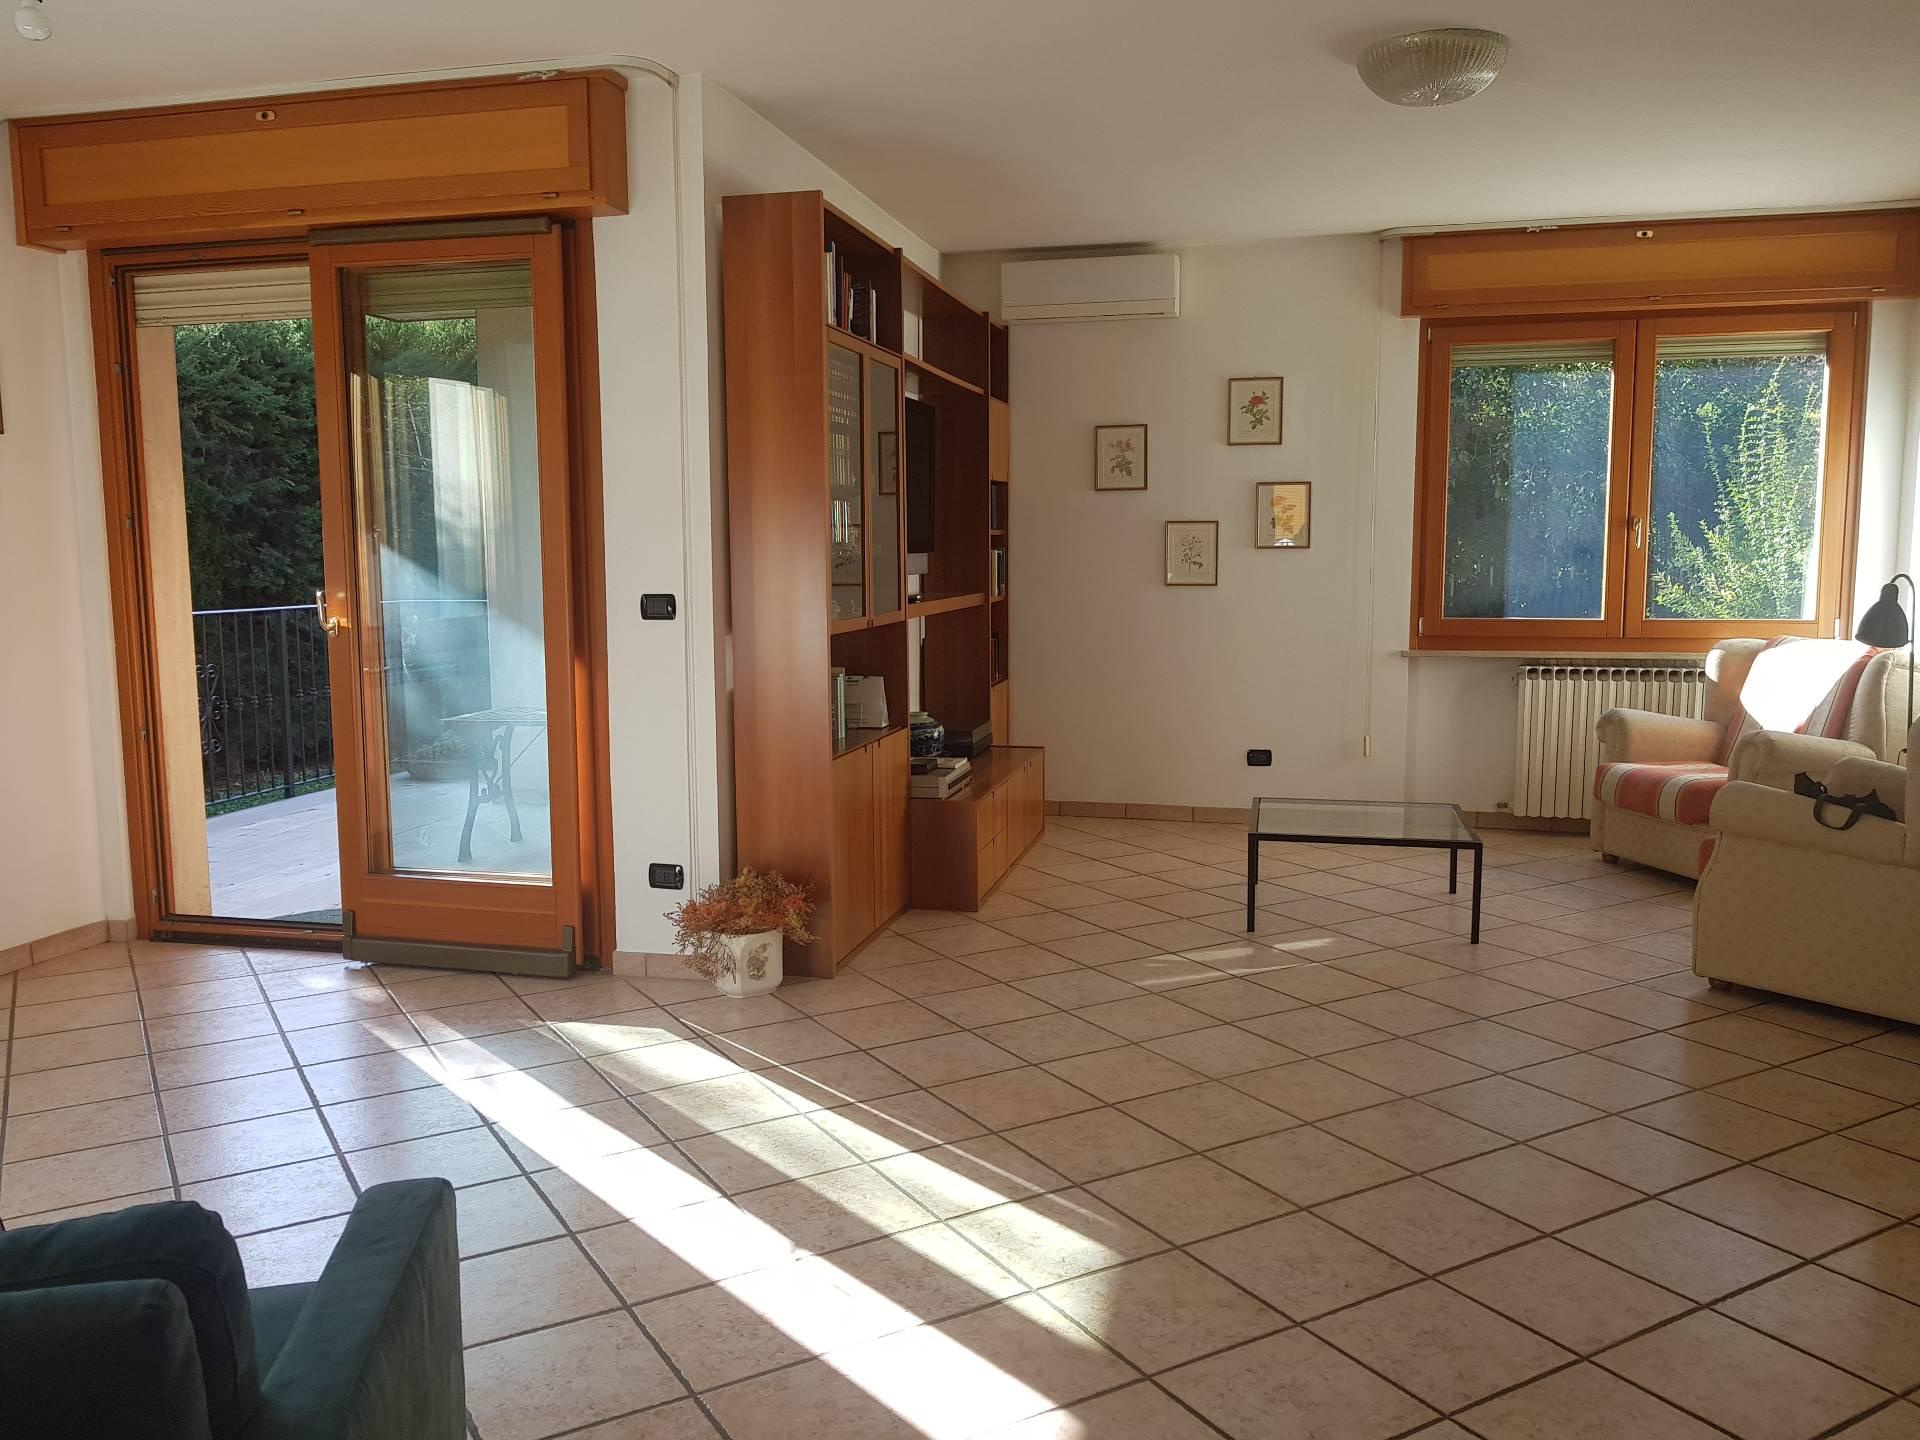 Villa a Schiera in affitto a Ascoli Piceno, 7 locali, zona Zona: Monticelli, prezzo € 850 | CambioCasa.it